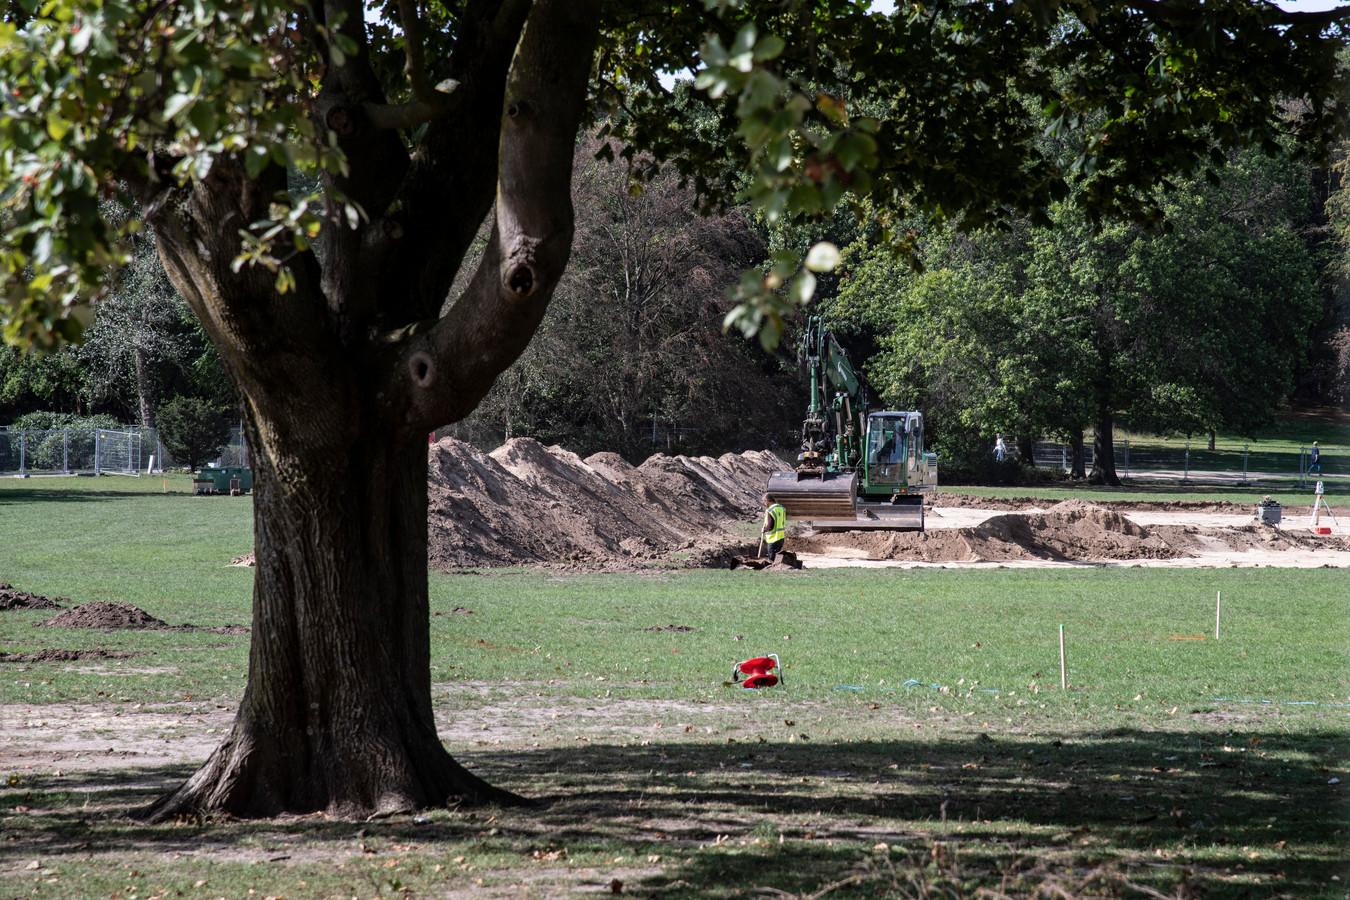 HetGoffertpark wordt vrij van explosieven gemaakt nadat eerder bij een concert van Guns N' Roses een granaat werd gevonden.